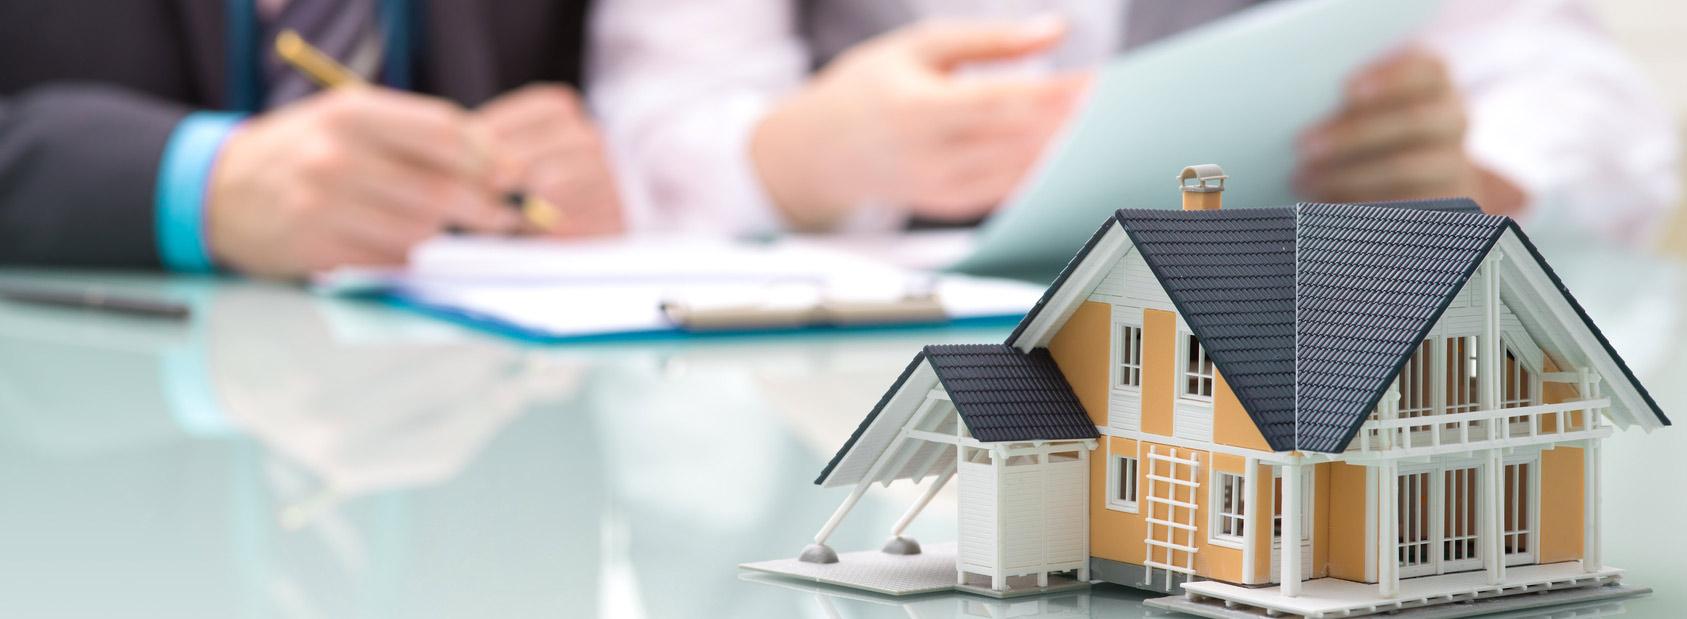 Maison à vendre : Ce que vous pouvez faire pour vendre un bien sans agence